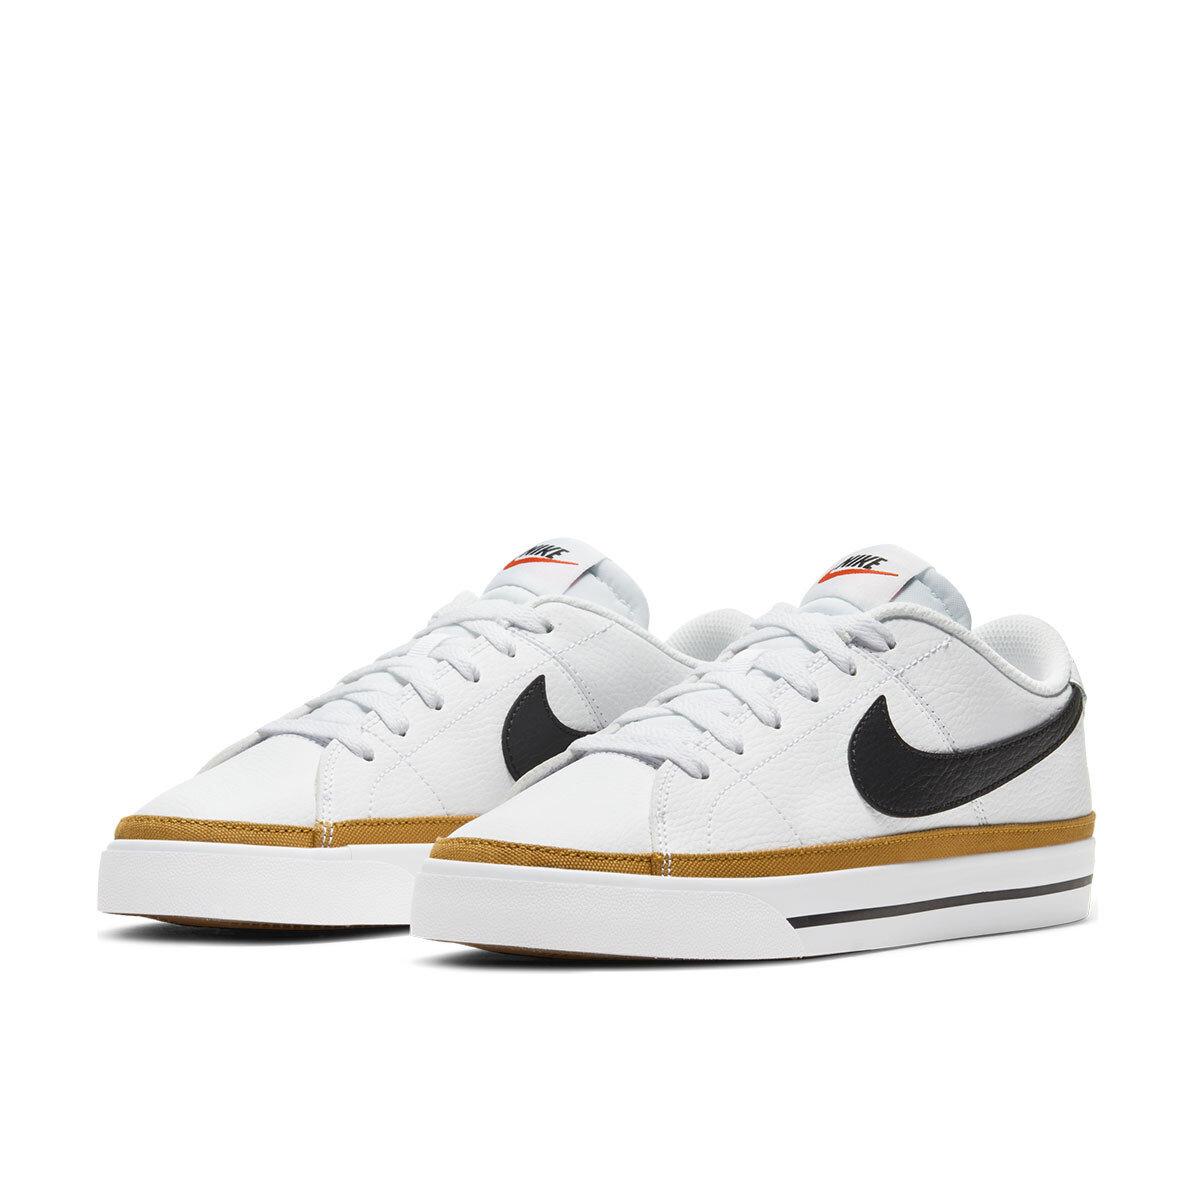 Court Legacy Kadın Beyaz Spor Ayakkabı (CU4149-102)